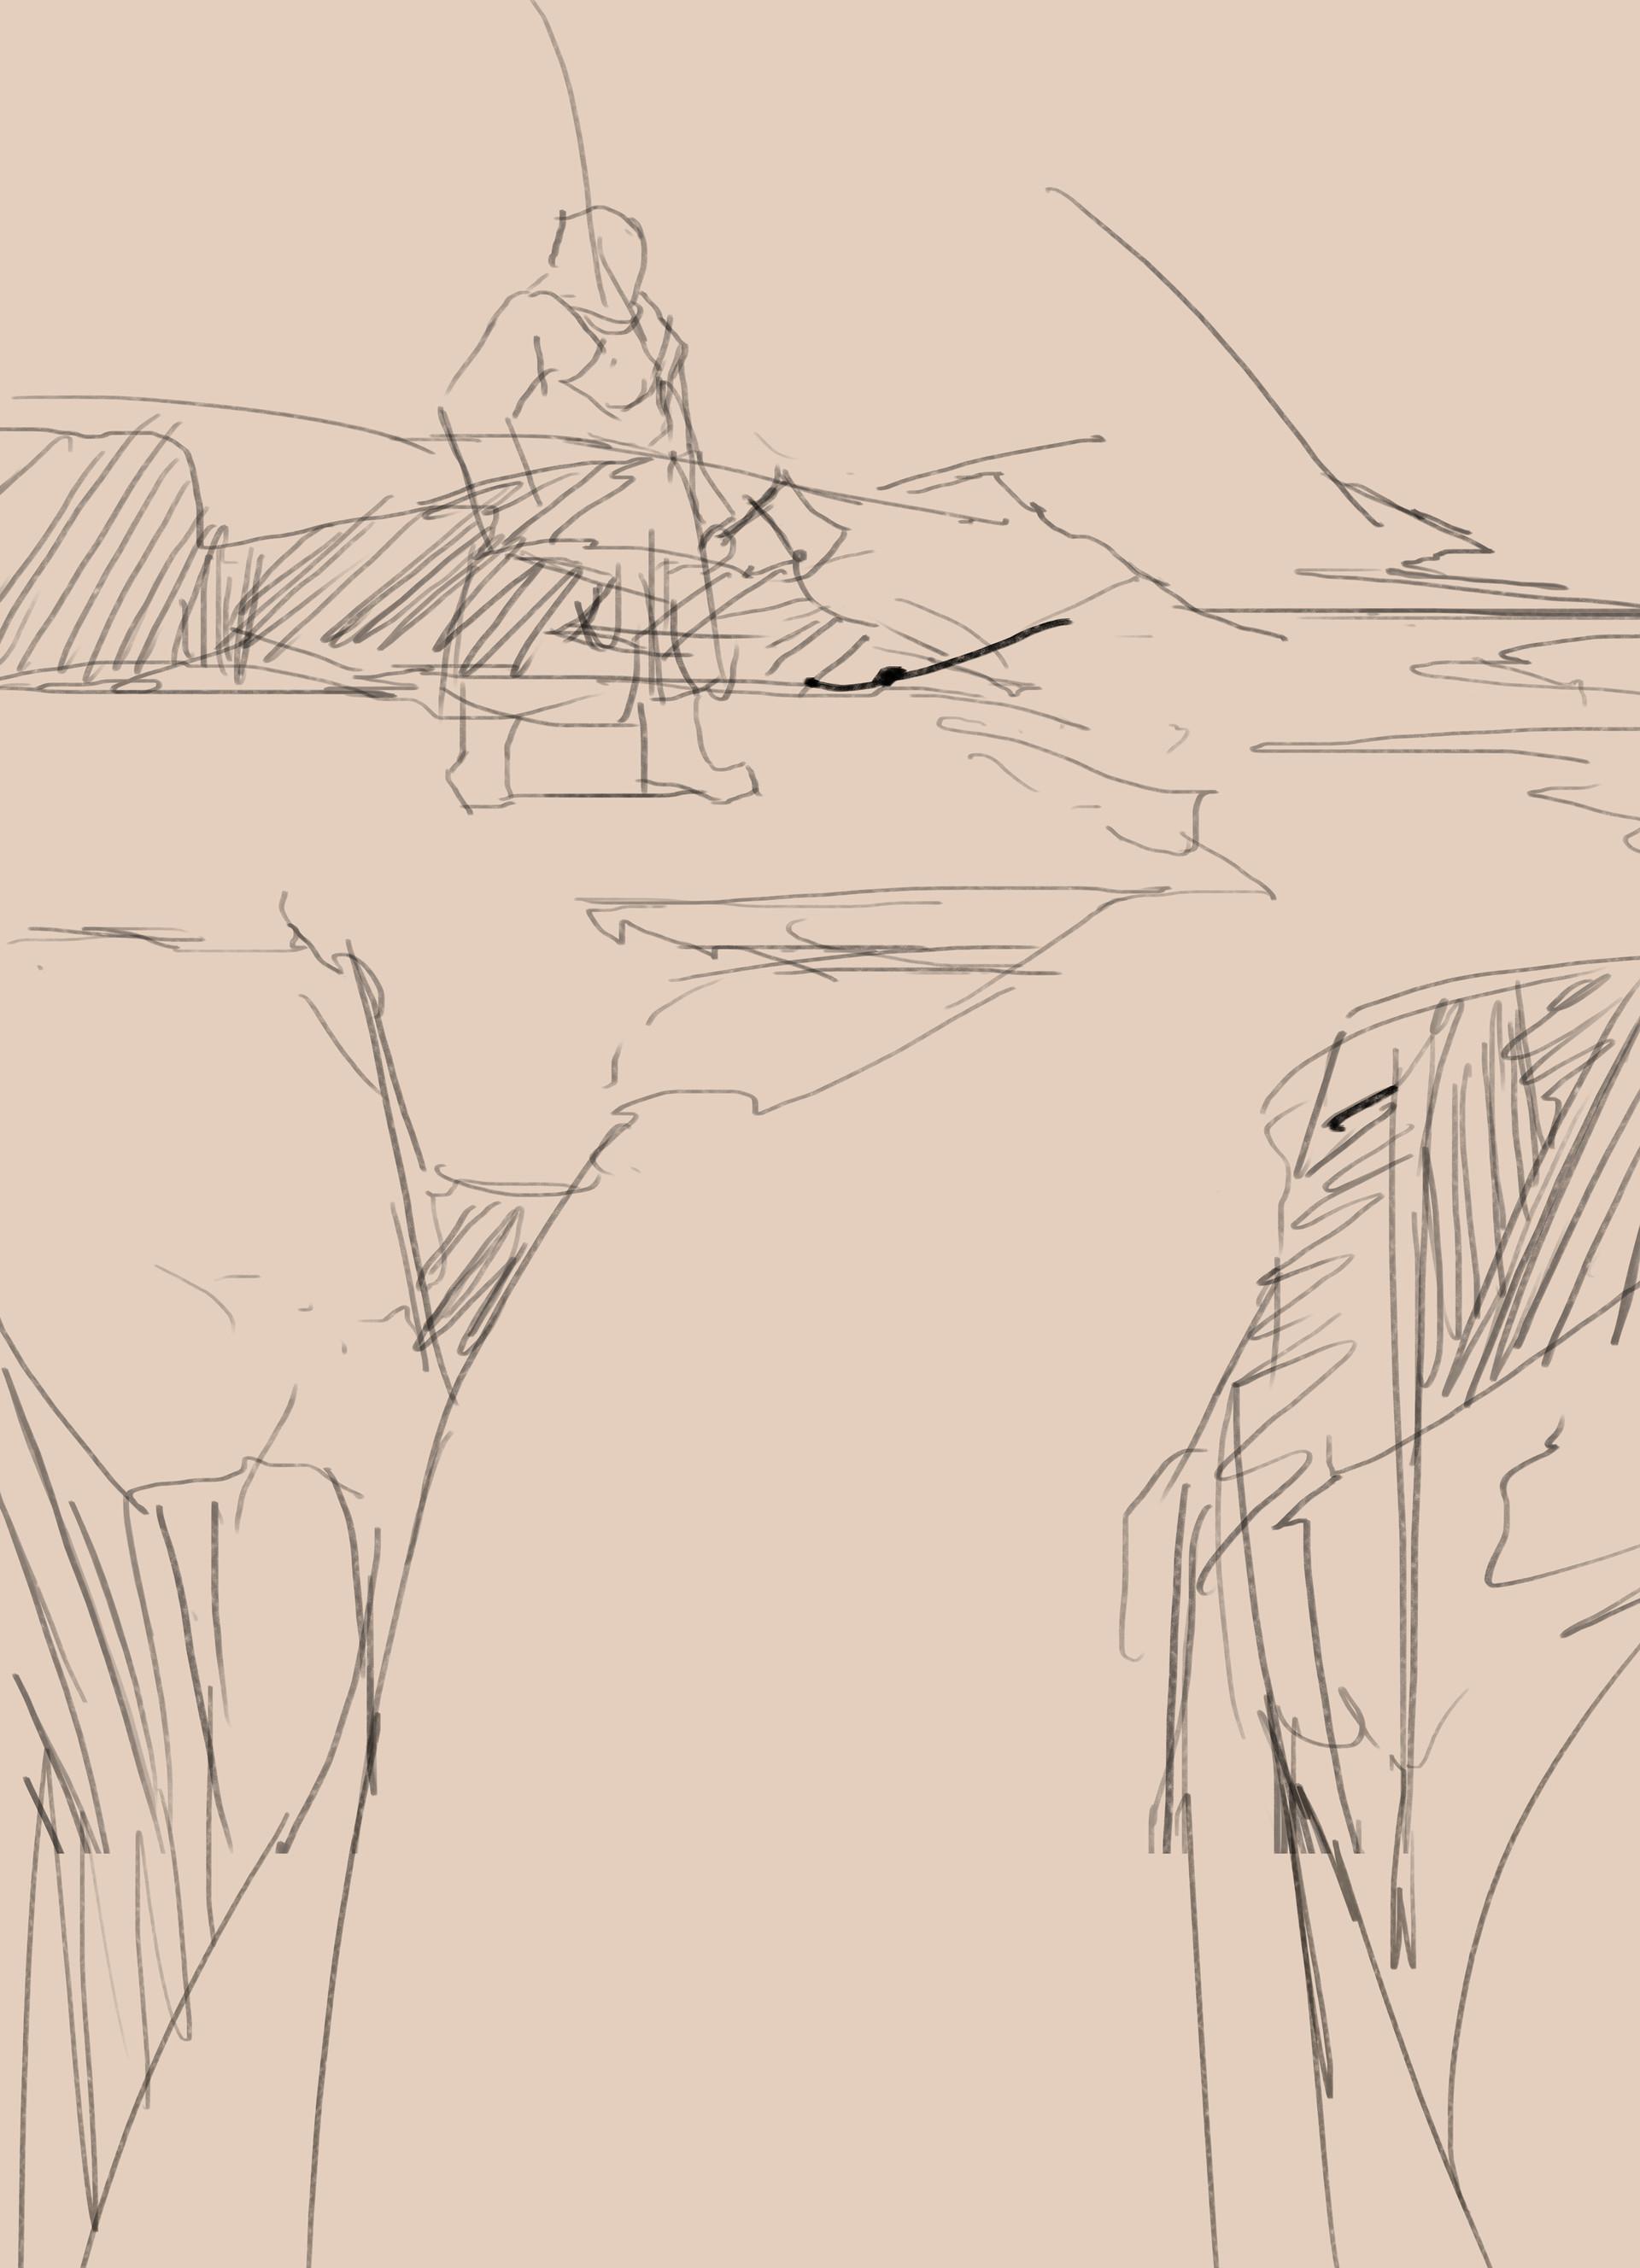 Kevin moran commander 03 sketch web